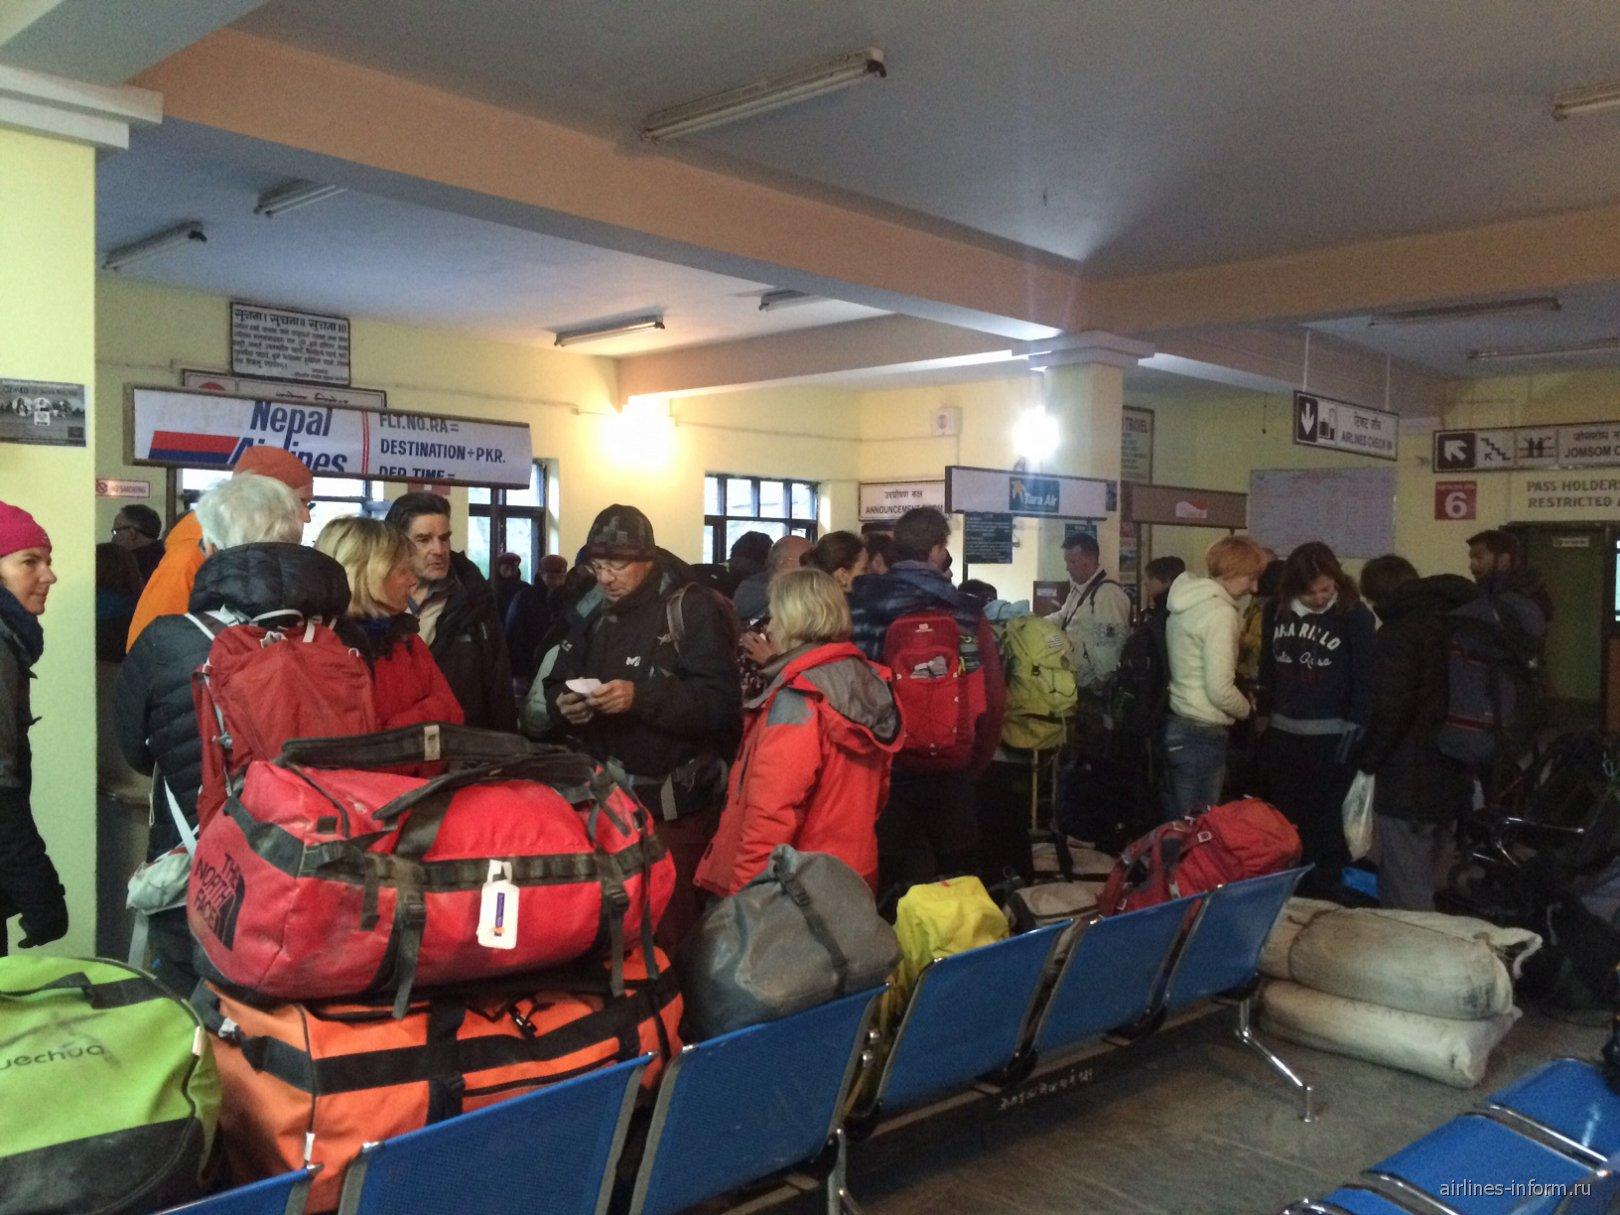 Стойки регистрации в аэропорту Джомсом в Непале